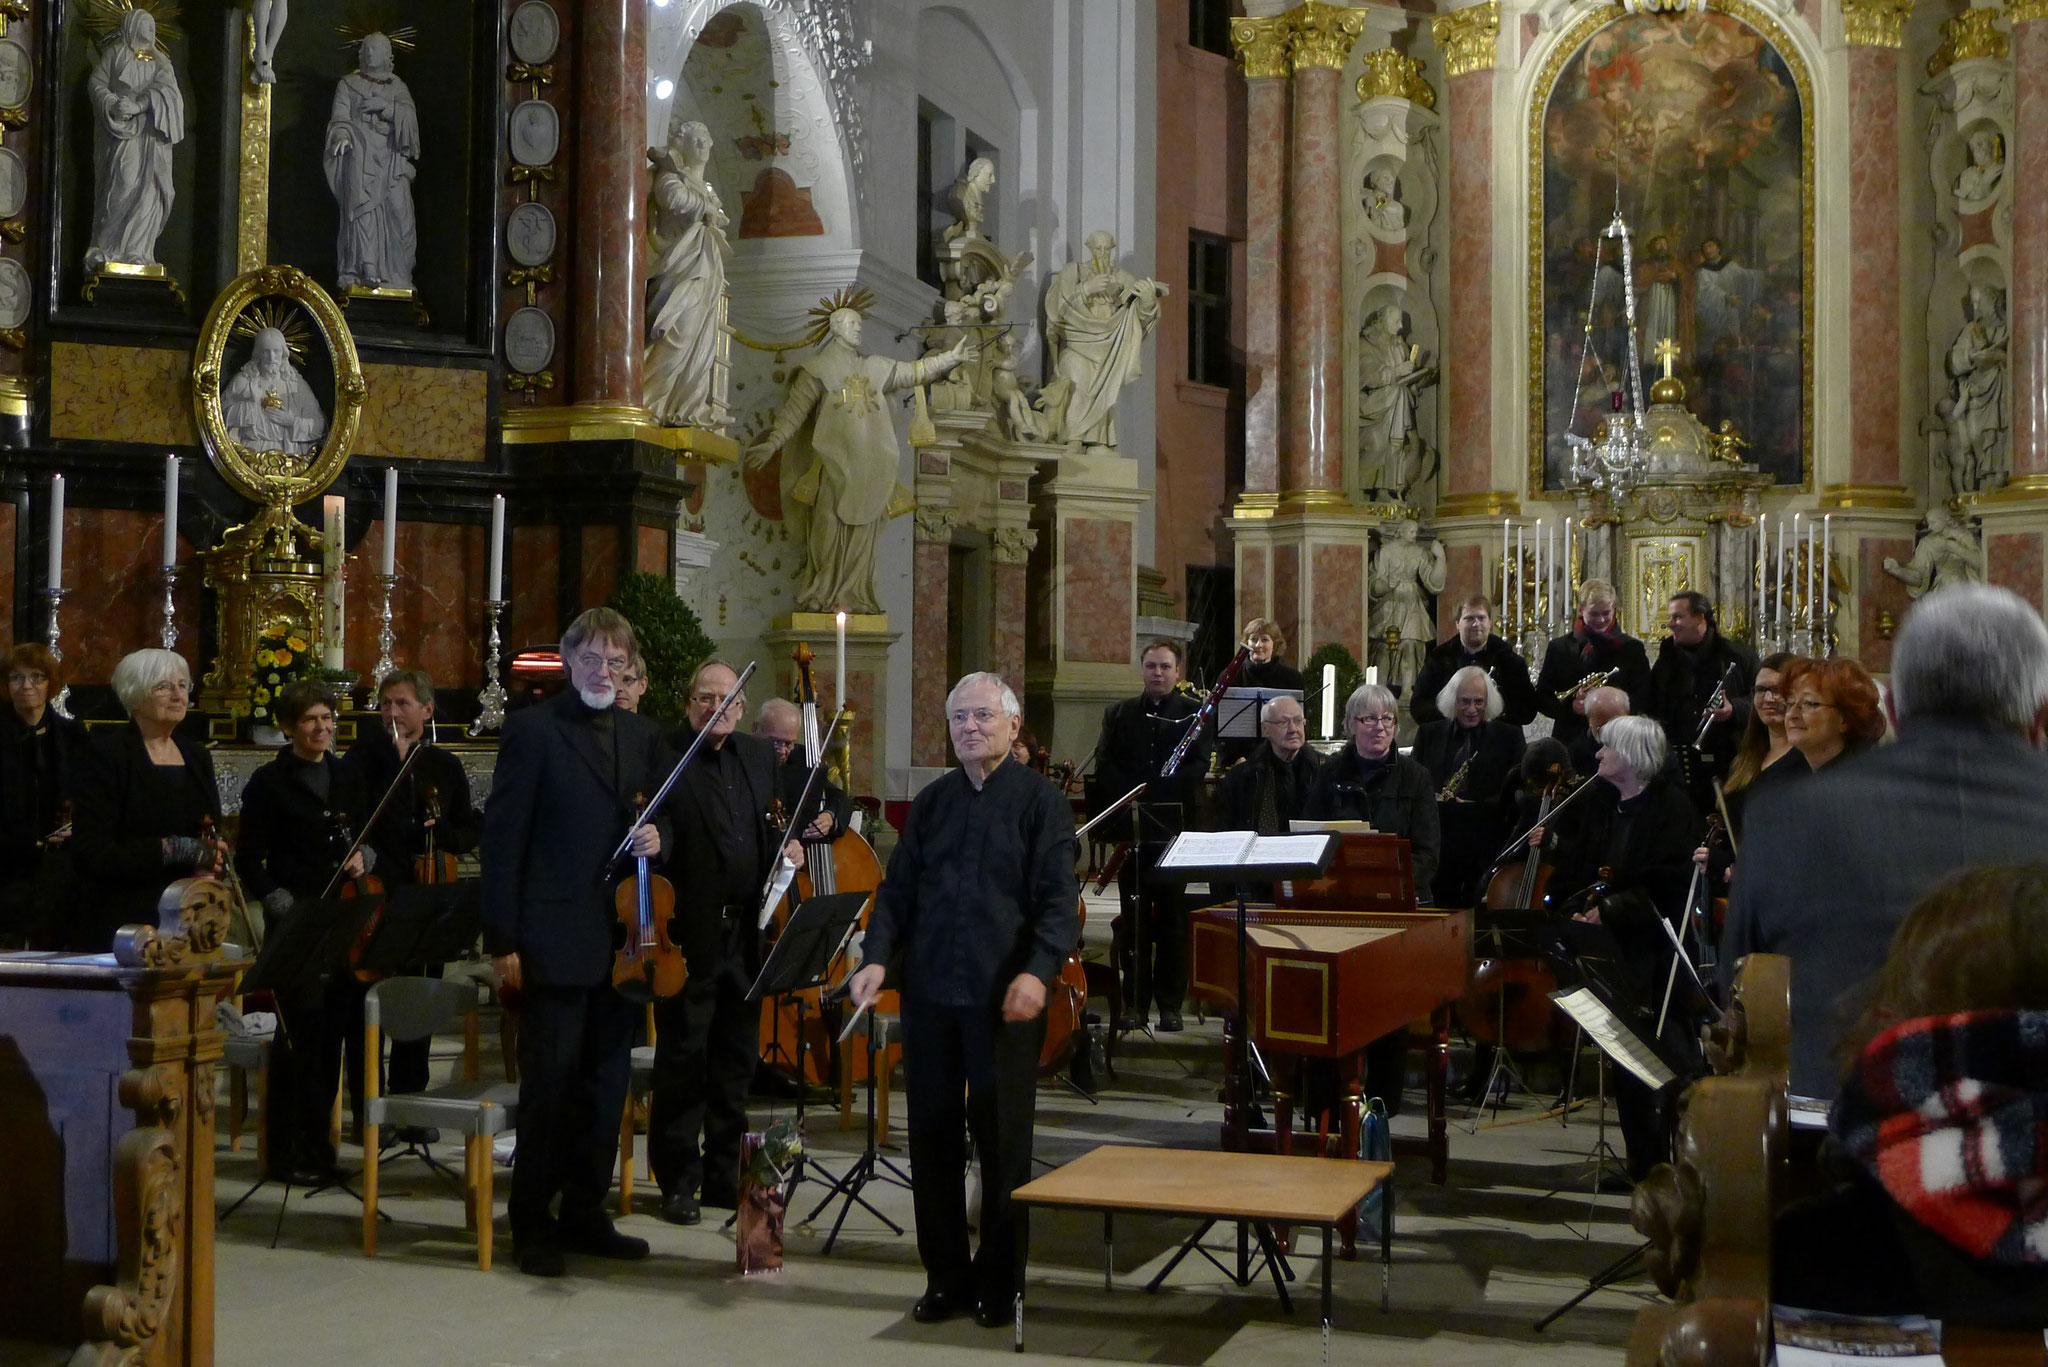 Katholische Pfarrkirche St. Martin - 20. November 2016